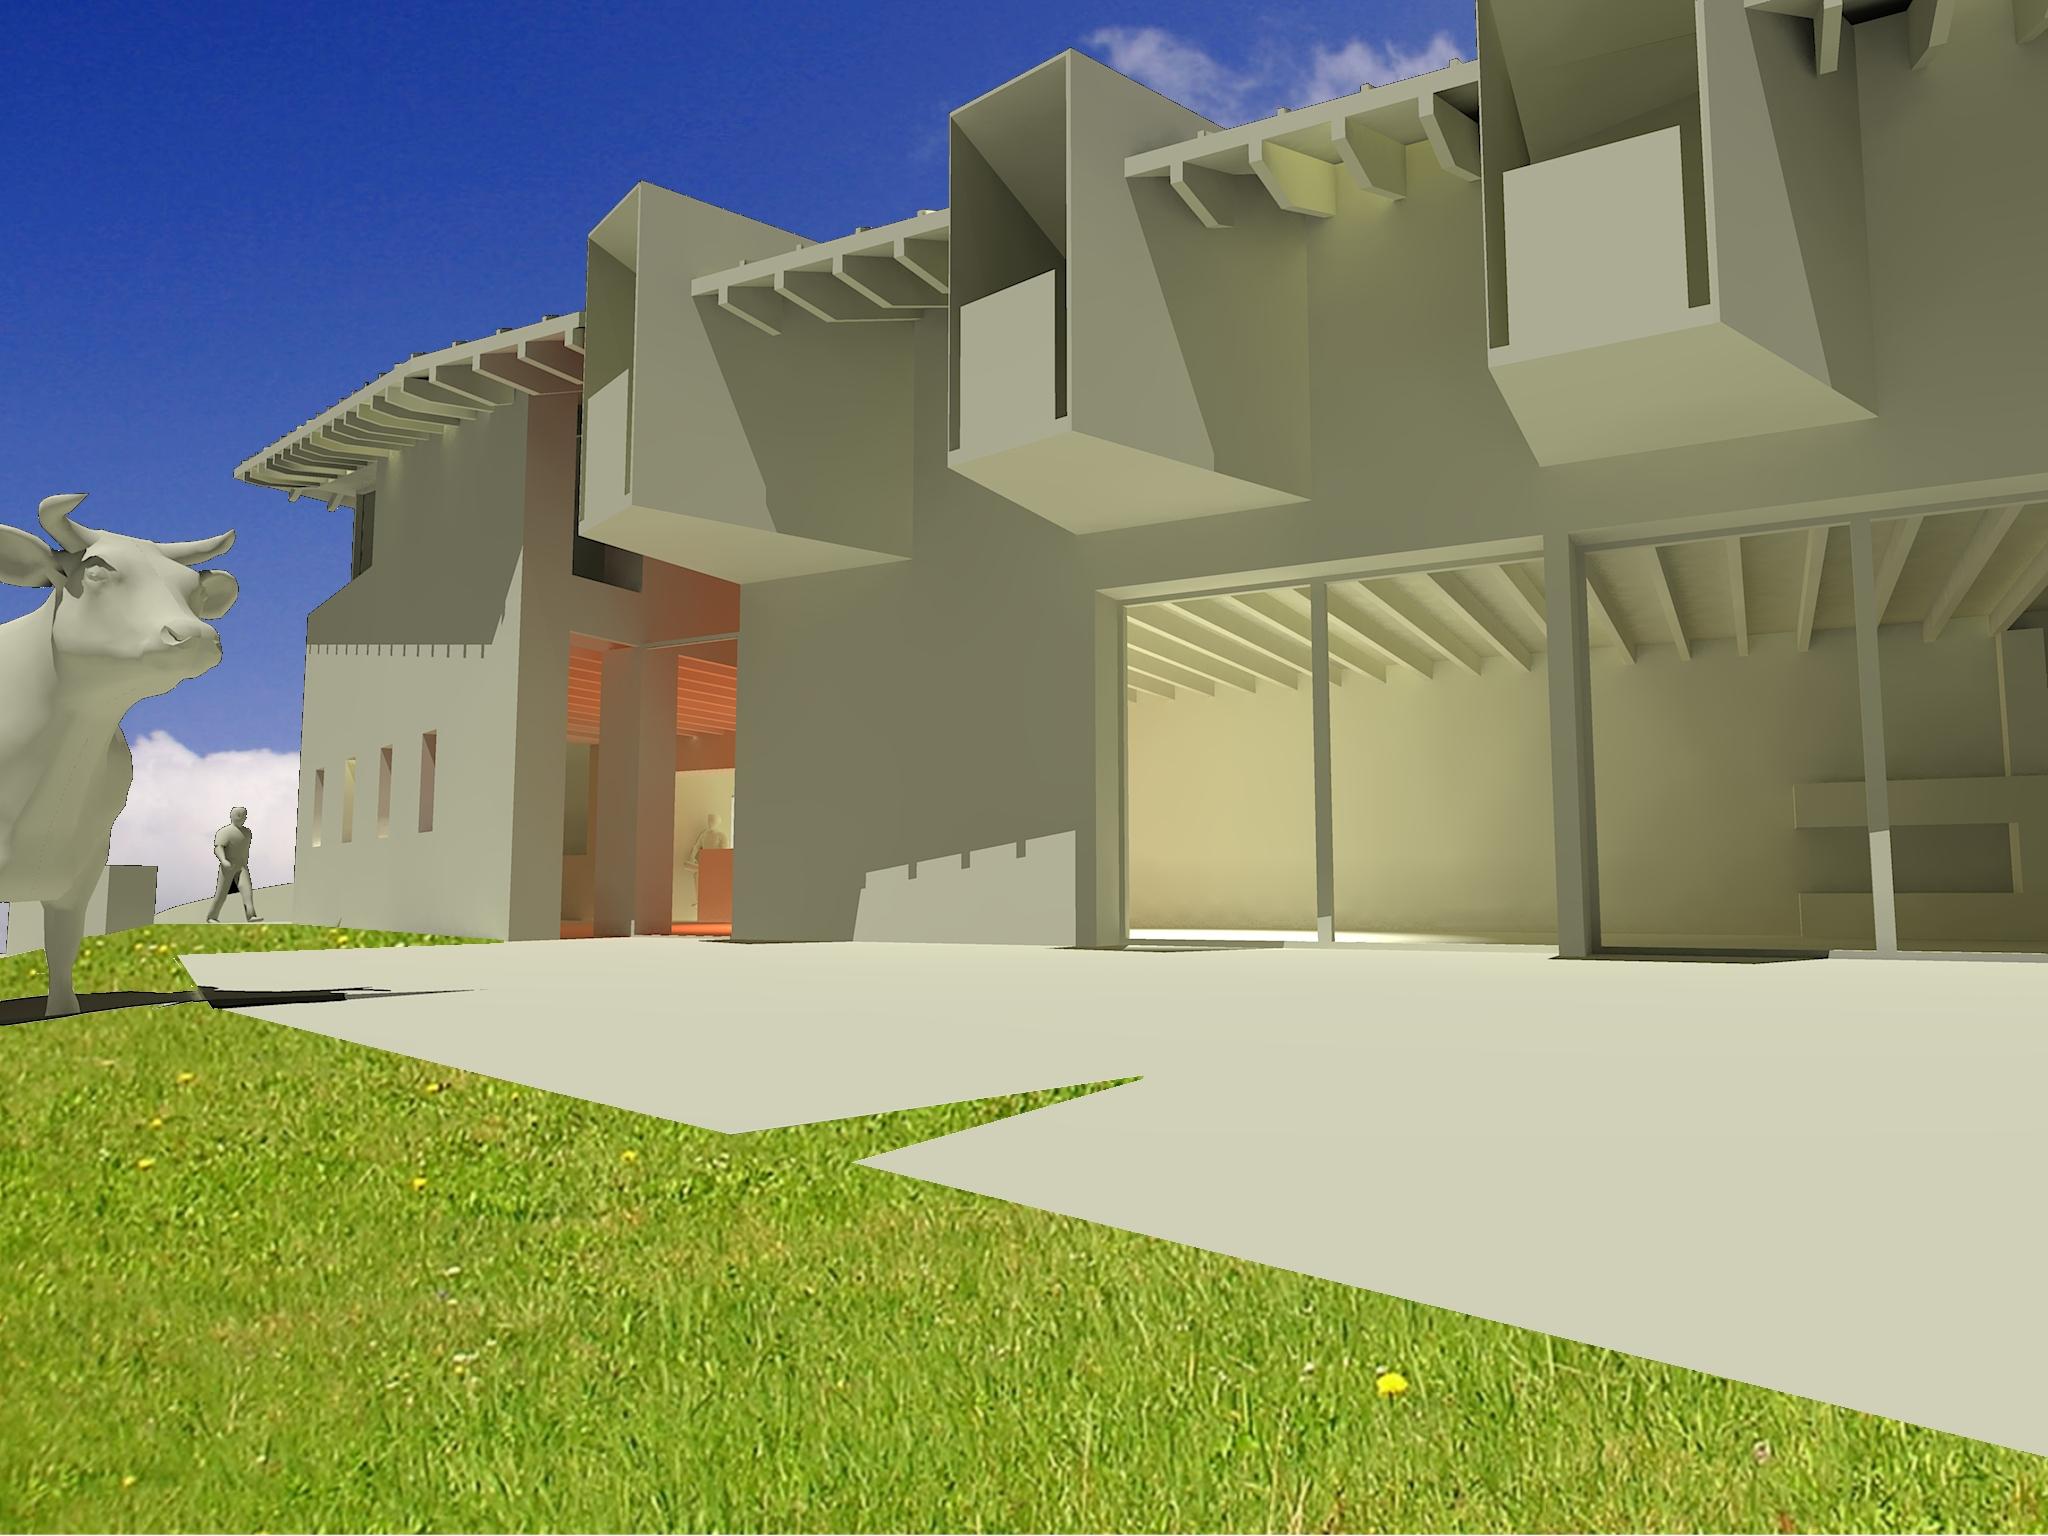 progetto realizzato in collaborazione conArch. Gianpaolo Calliari